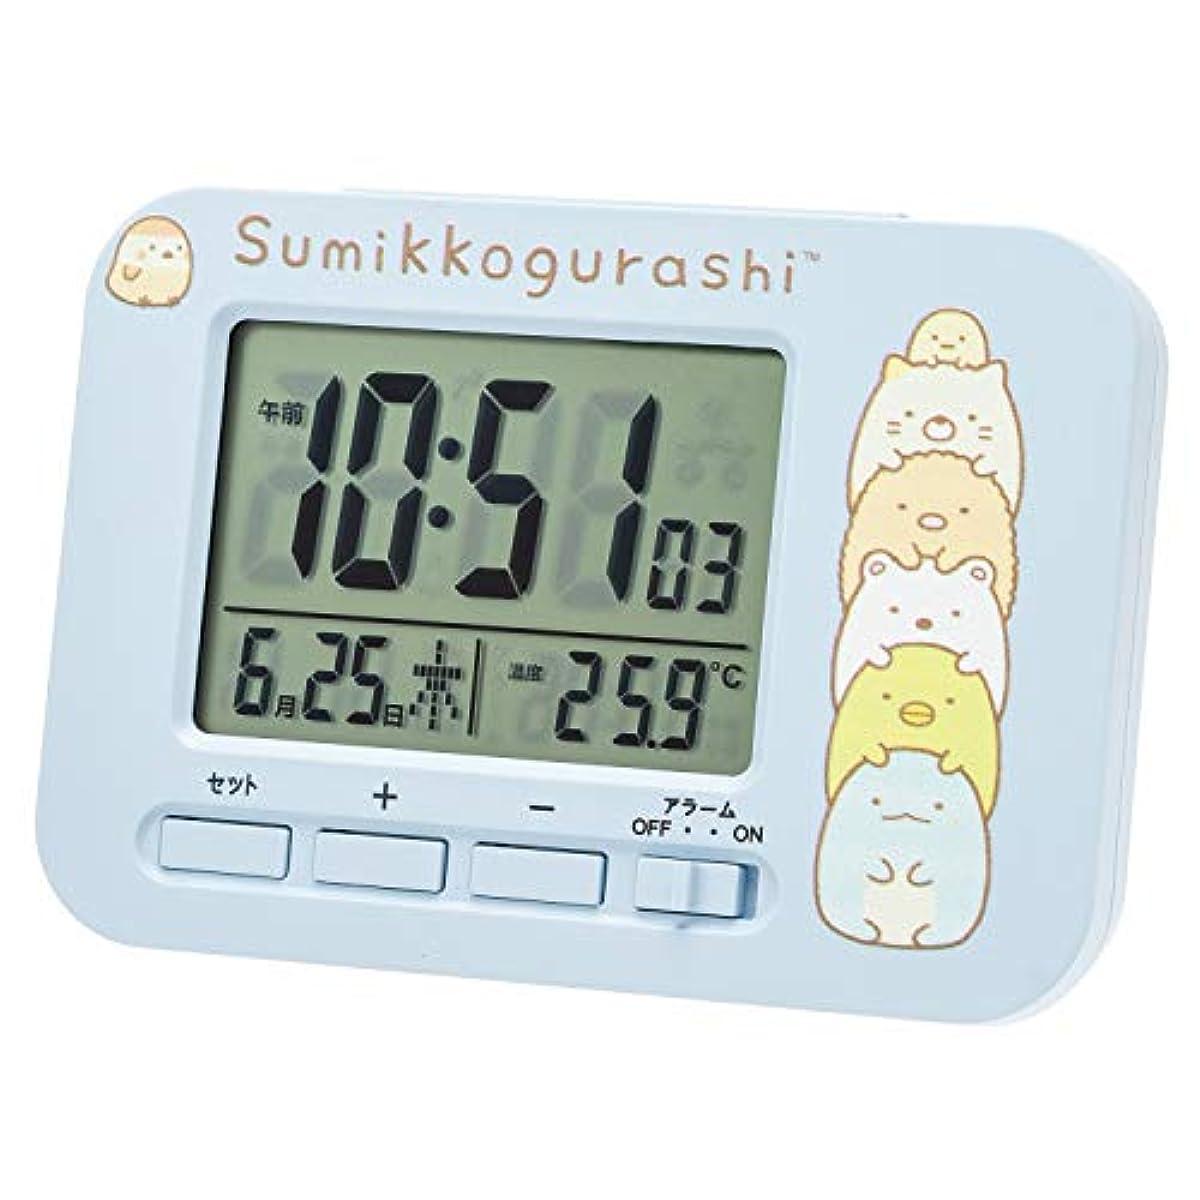 [해외] 스밋코구라시 자명종 전파 시계 AC19049SXSG